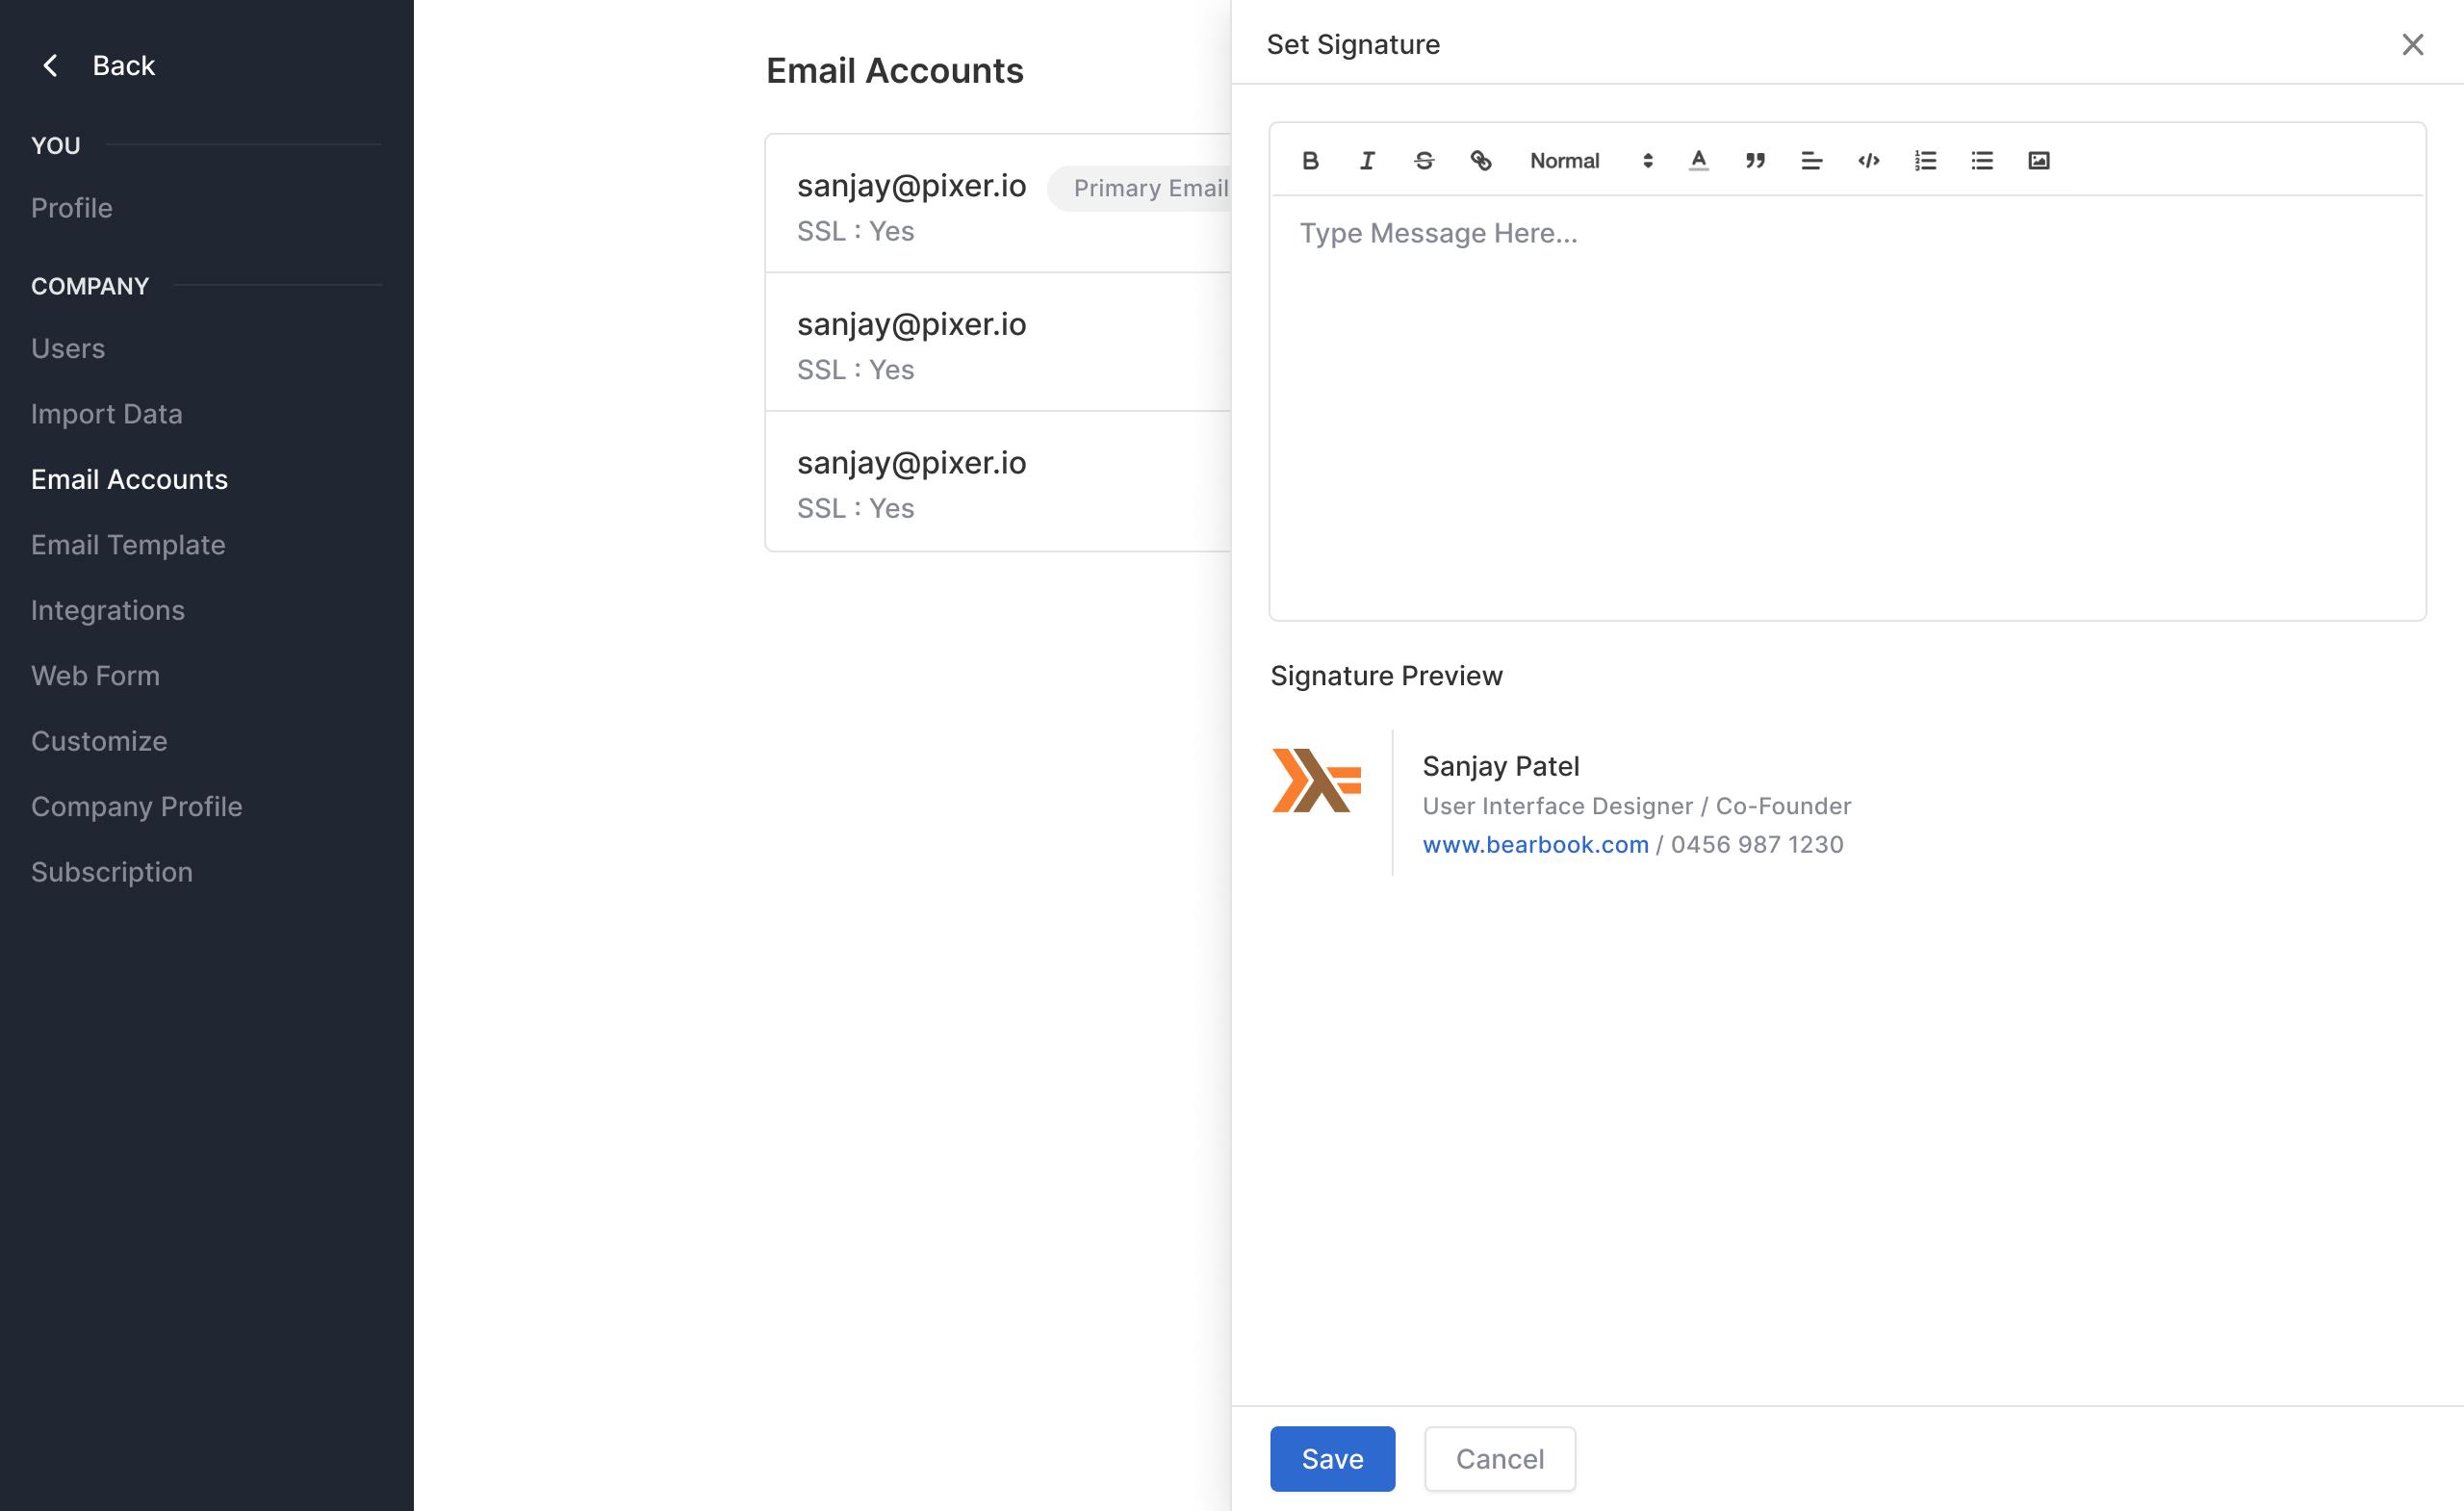 Signature in email